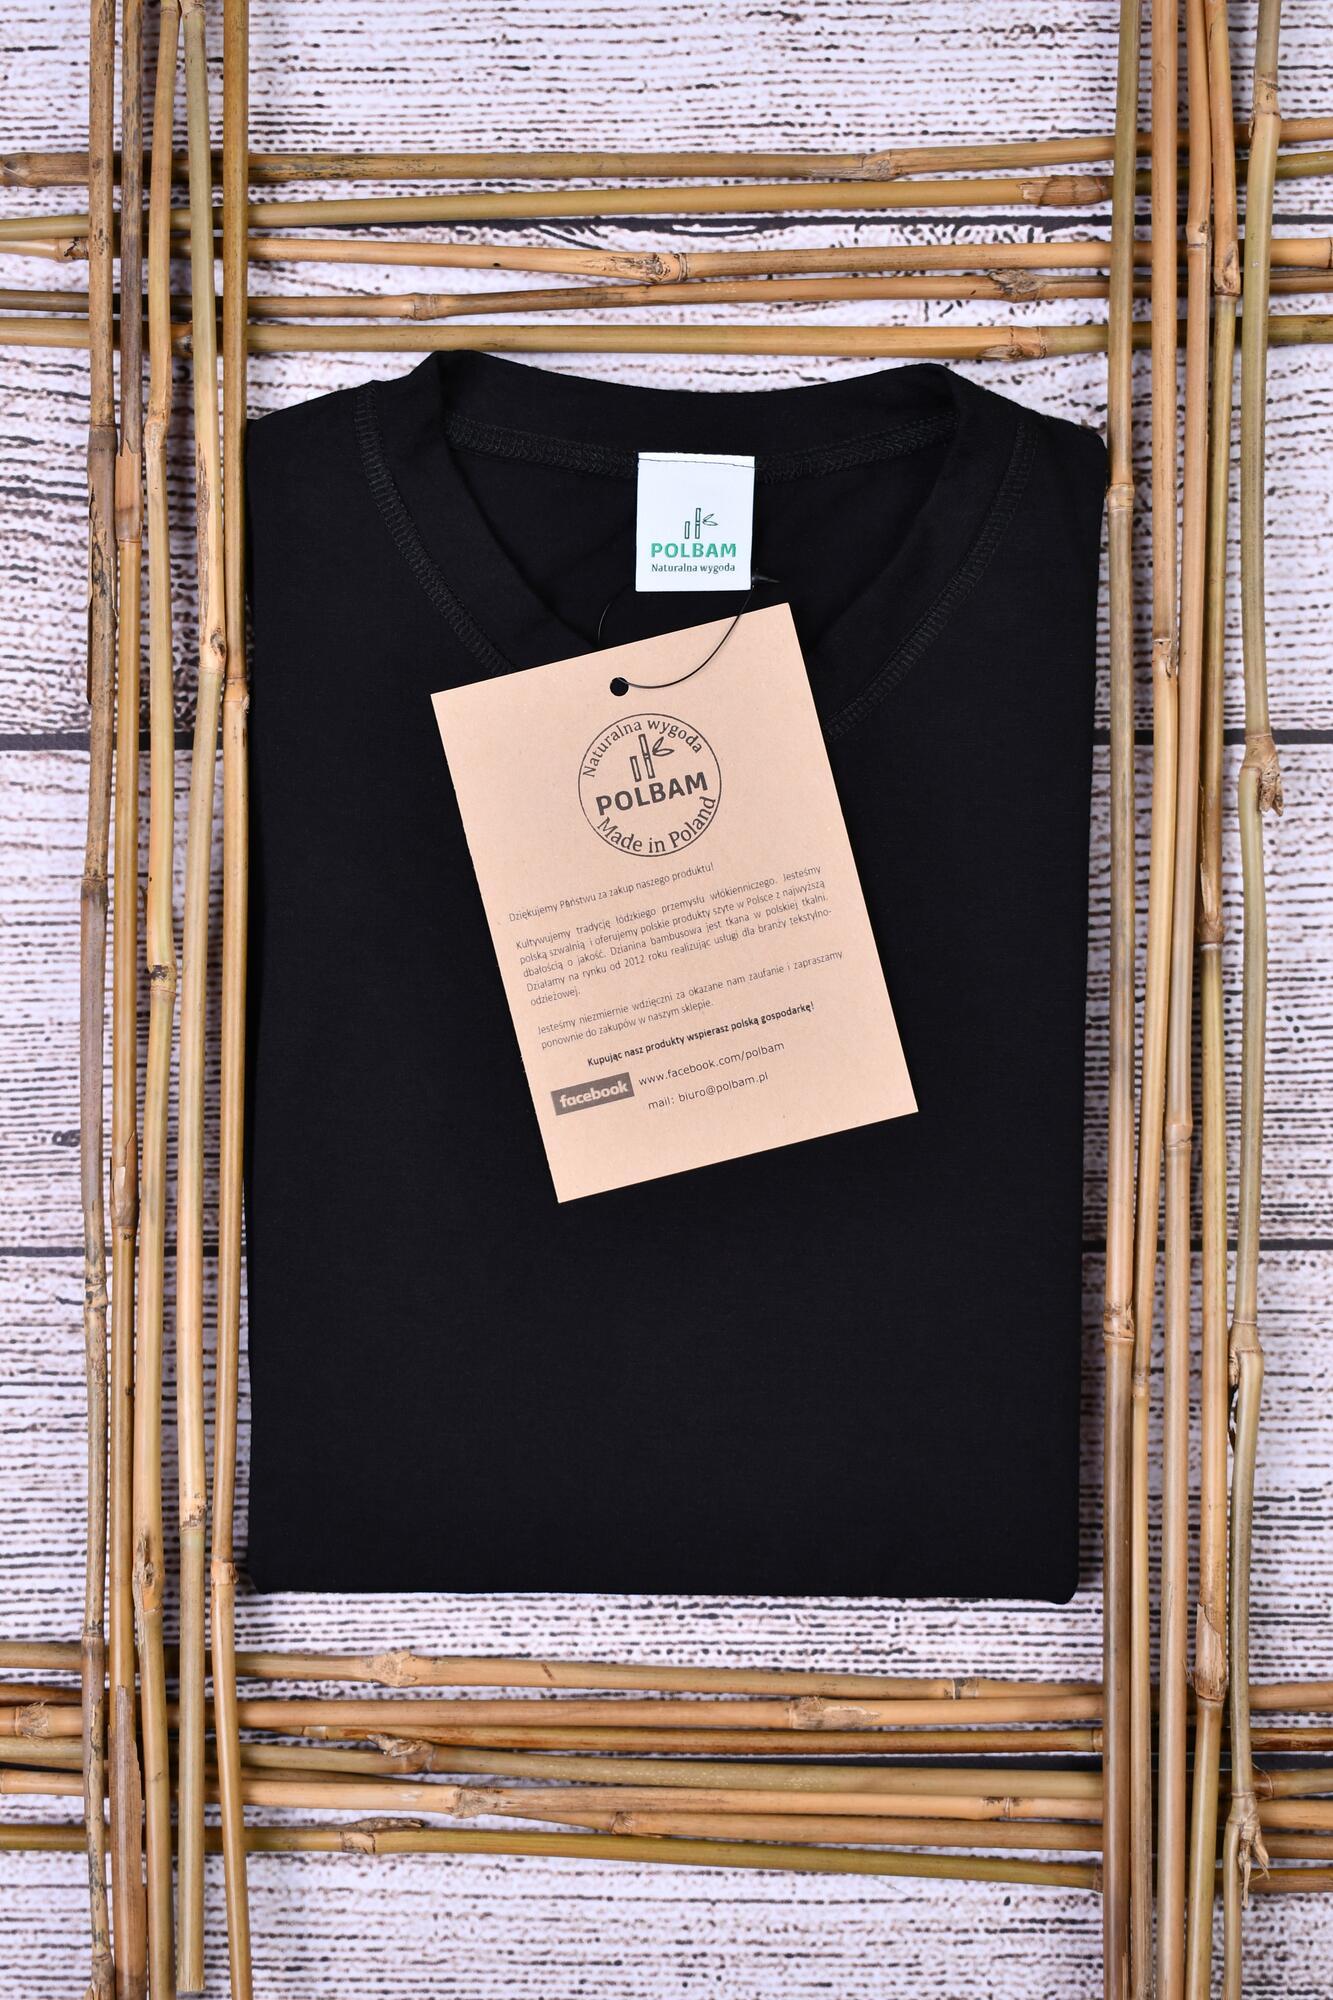 Bambusowy T-shirt  kolor czarny, rozmiar 2XL - POLBAM   JestemSlow.pl